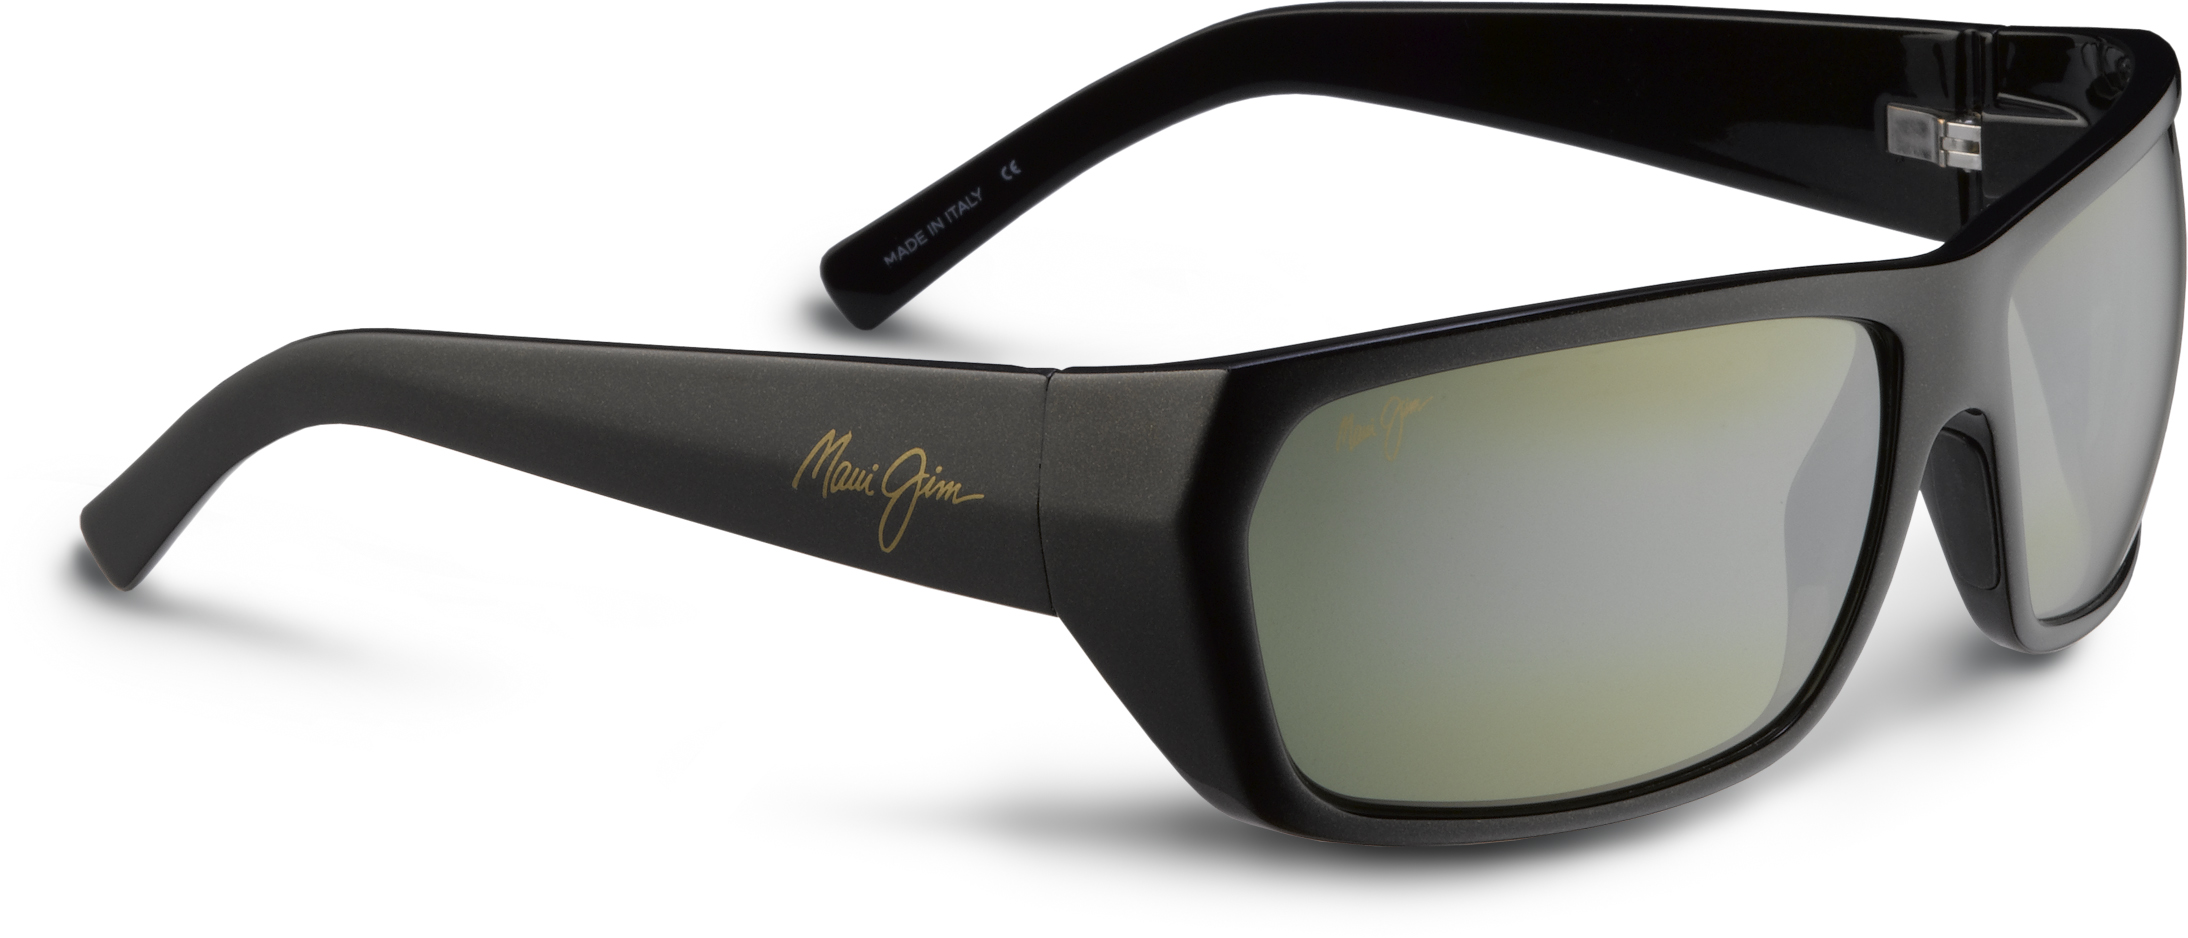 8b2d330da13 Be the First to Review the Maui Jim Waimea Canyon Sunglasses — Page 1